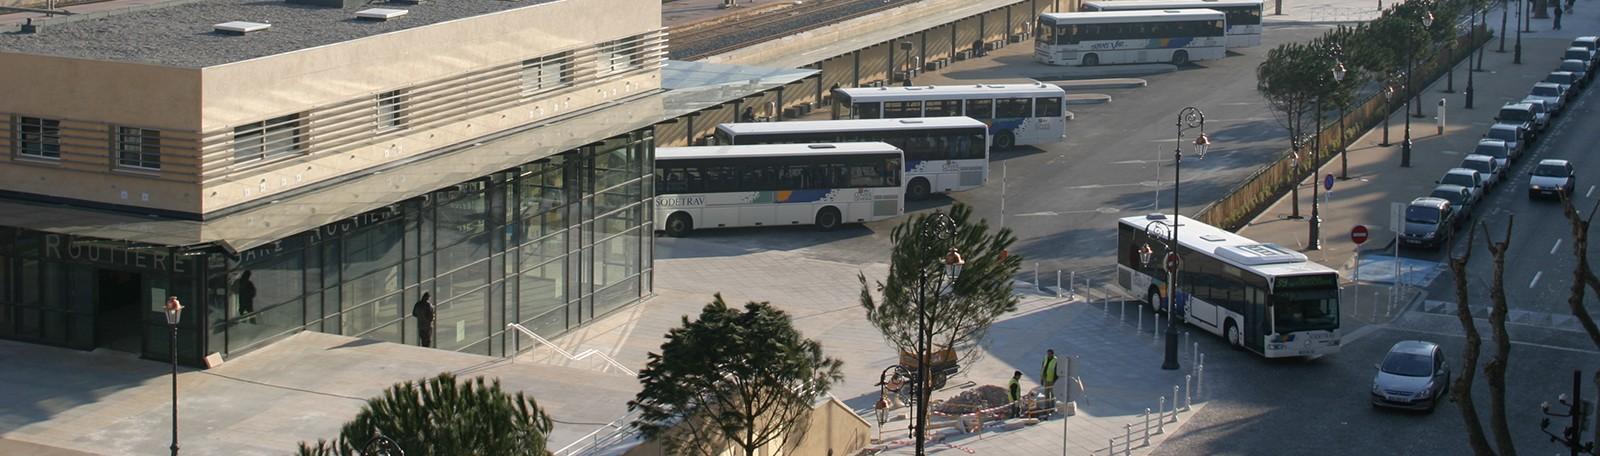 Car Park Toulon bus station